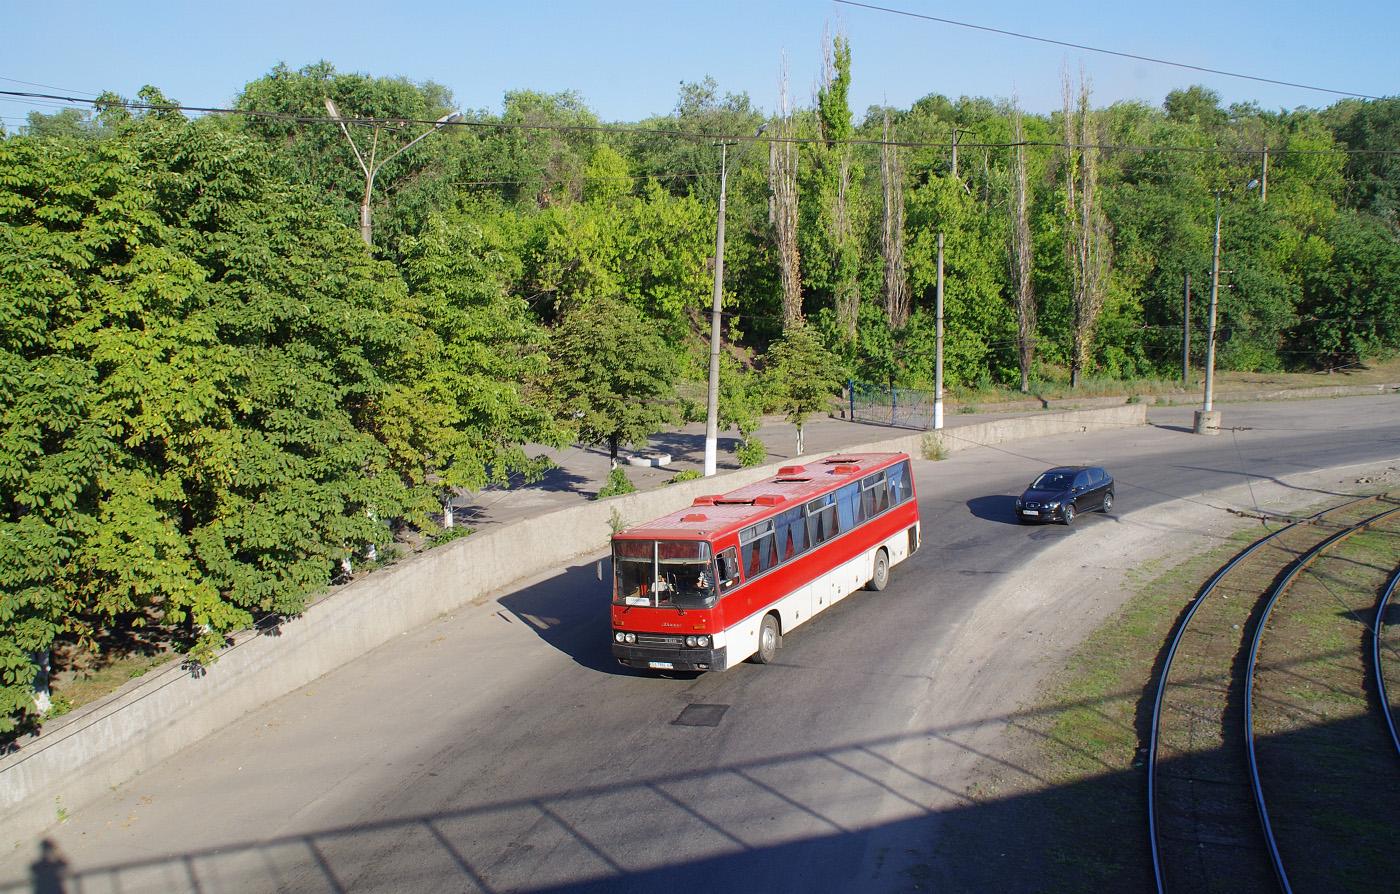 Ikarus-250 №ВА 7886 АА. Дніпропетровська область, Кривий Ріг